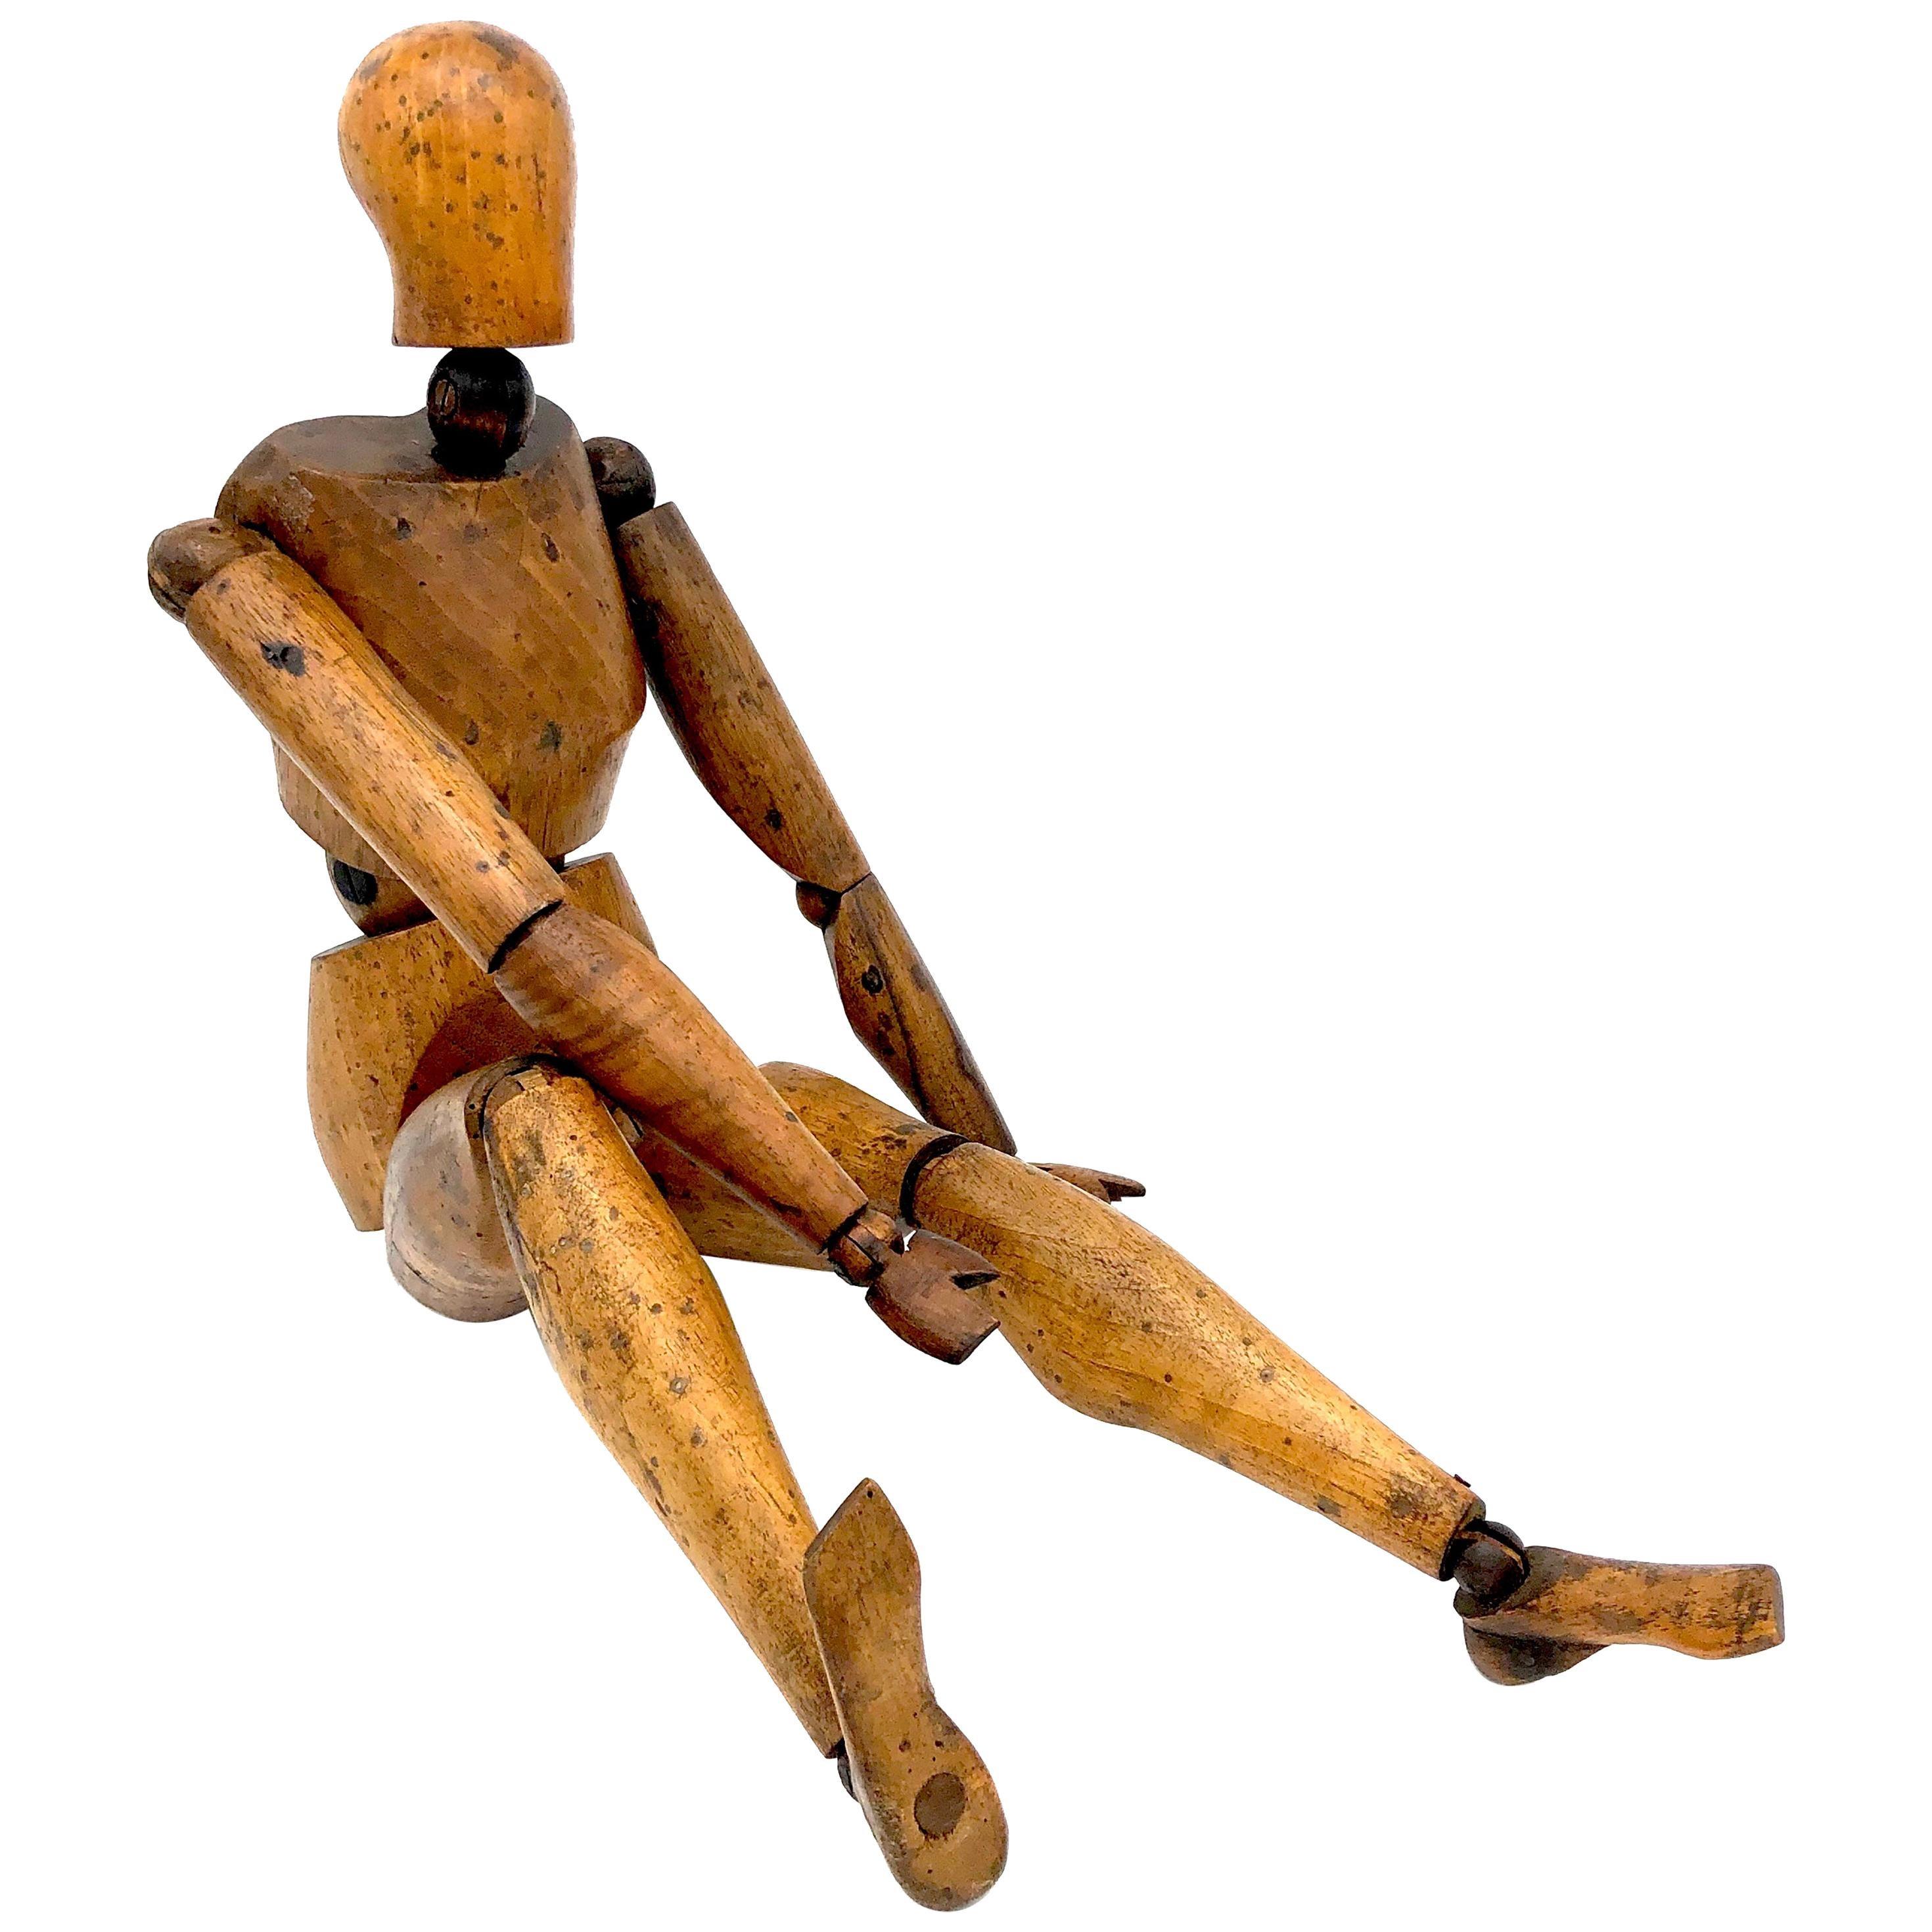 Antique Artist Mannequin Wood Figure Sculpture, France